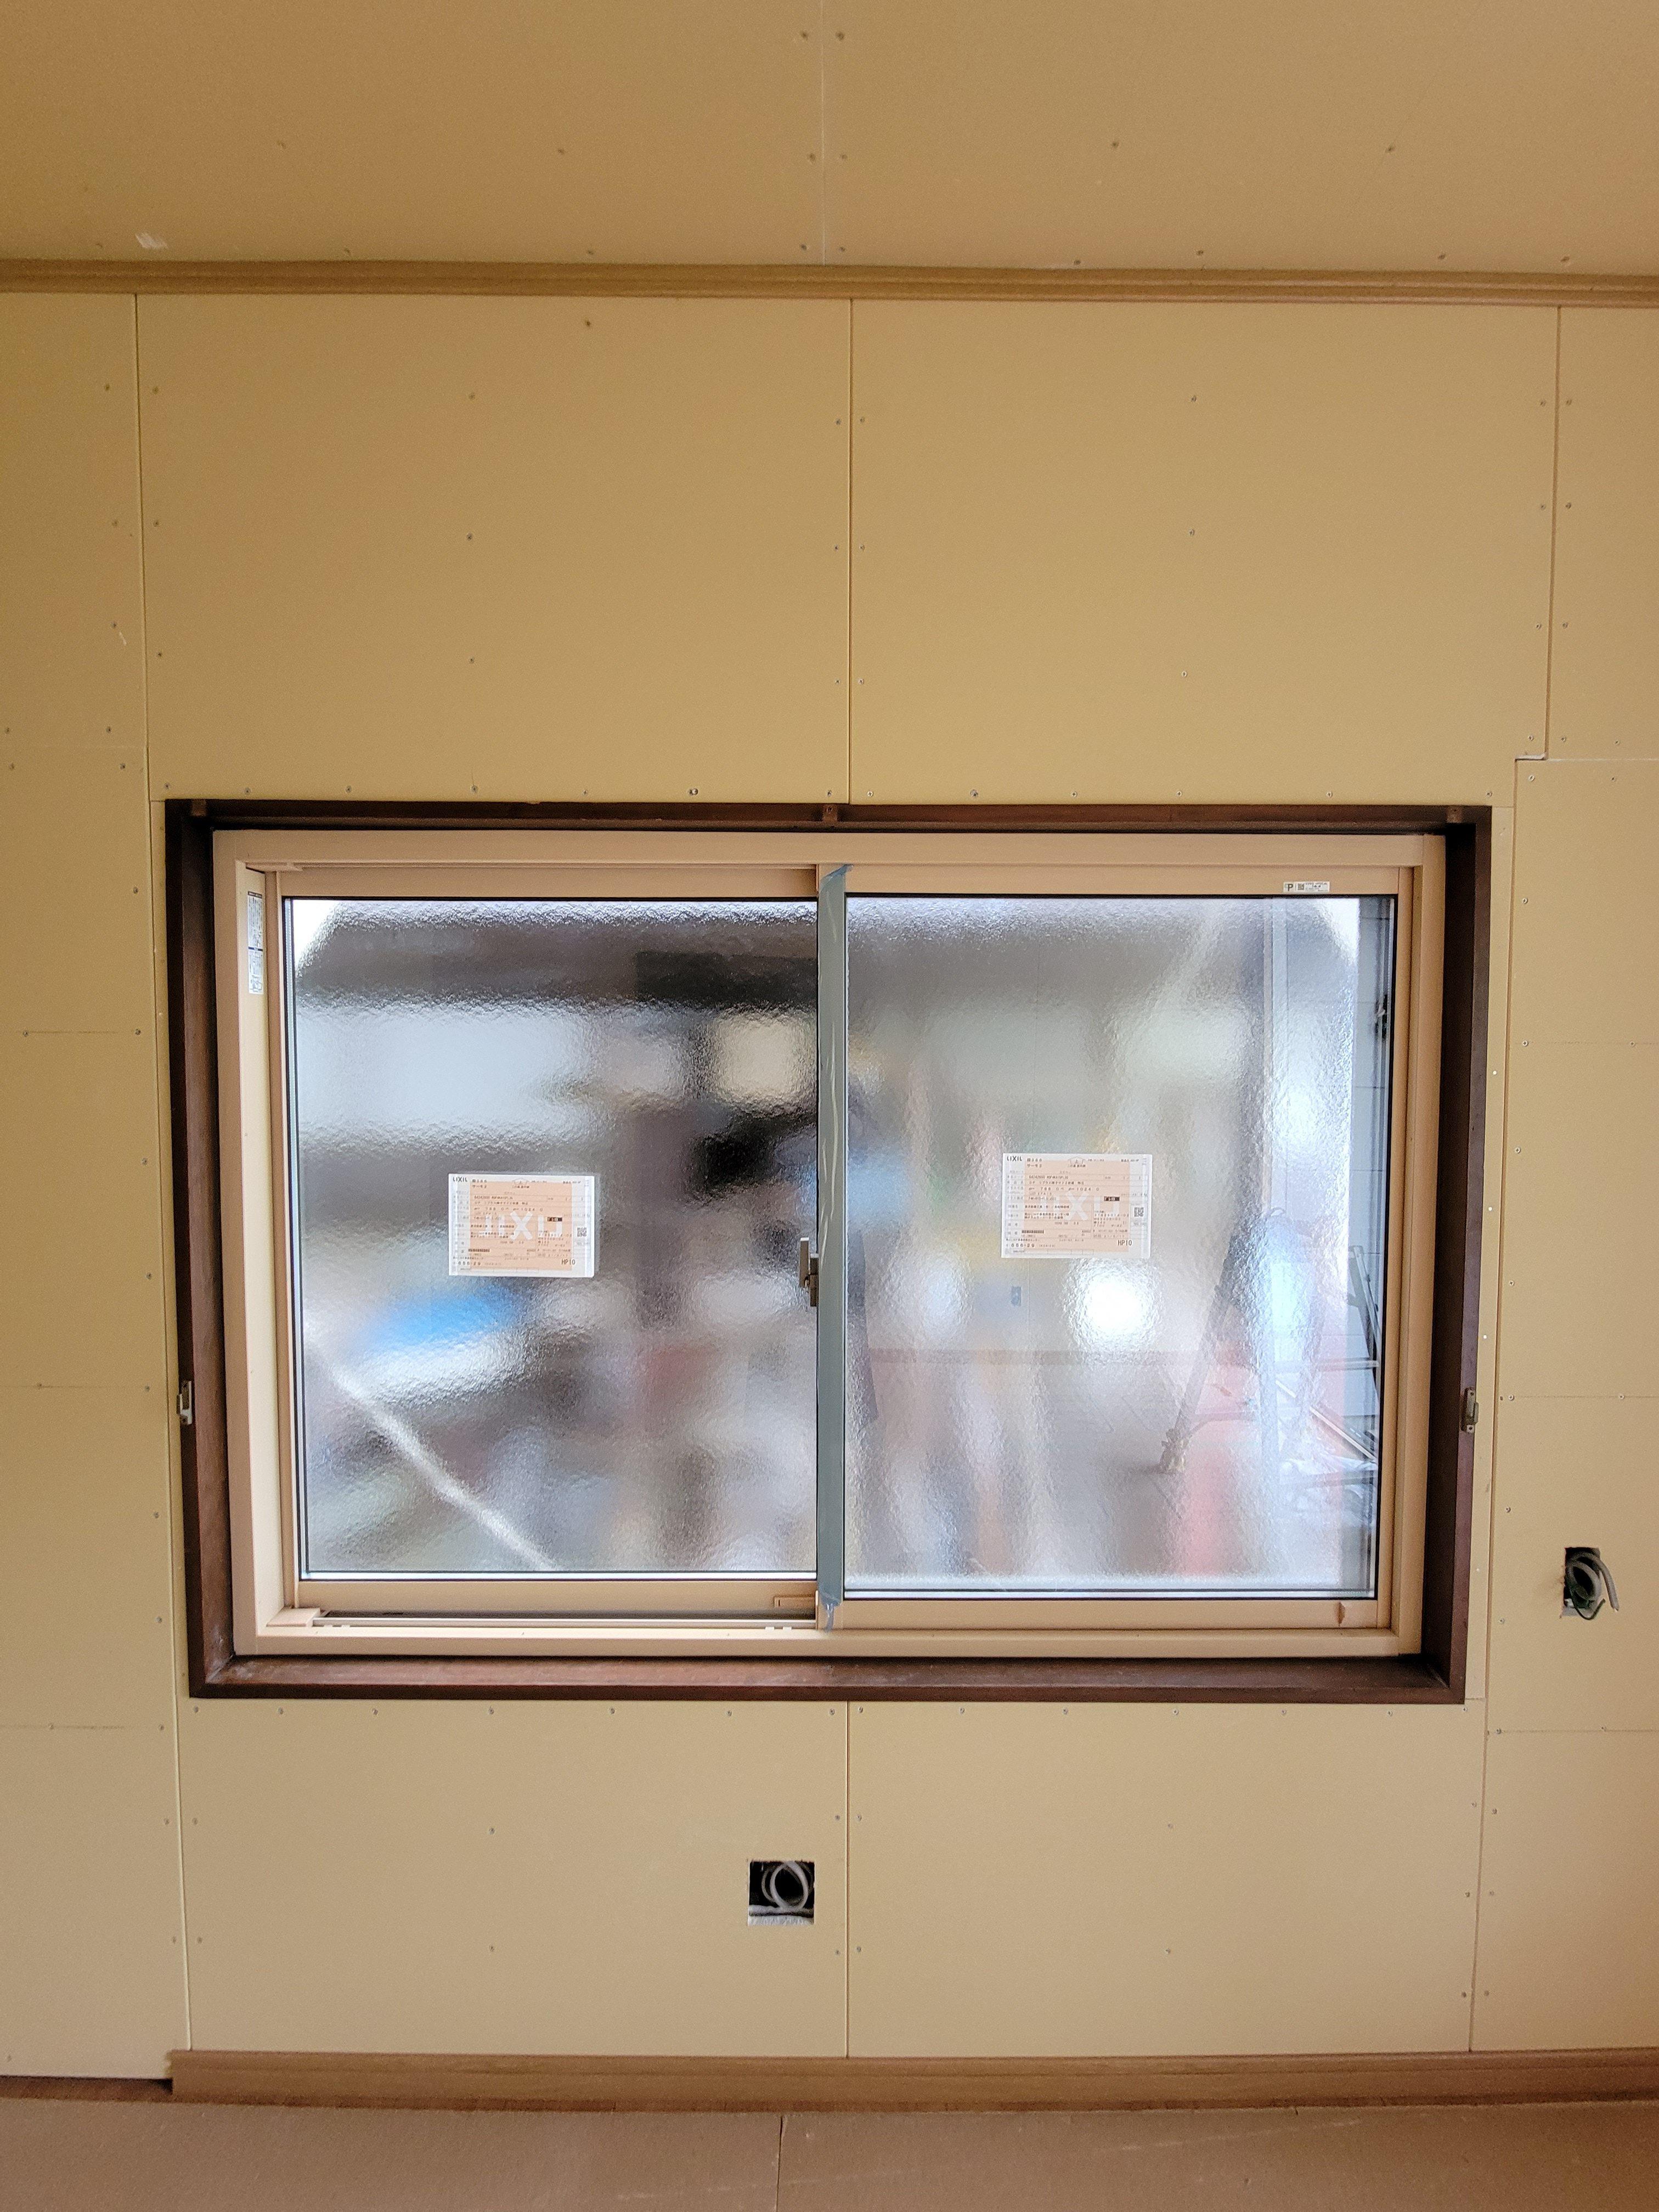 ギャラリーパティオの窓 交換 リプラスの施工後の写真2